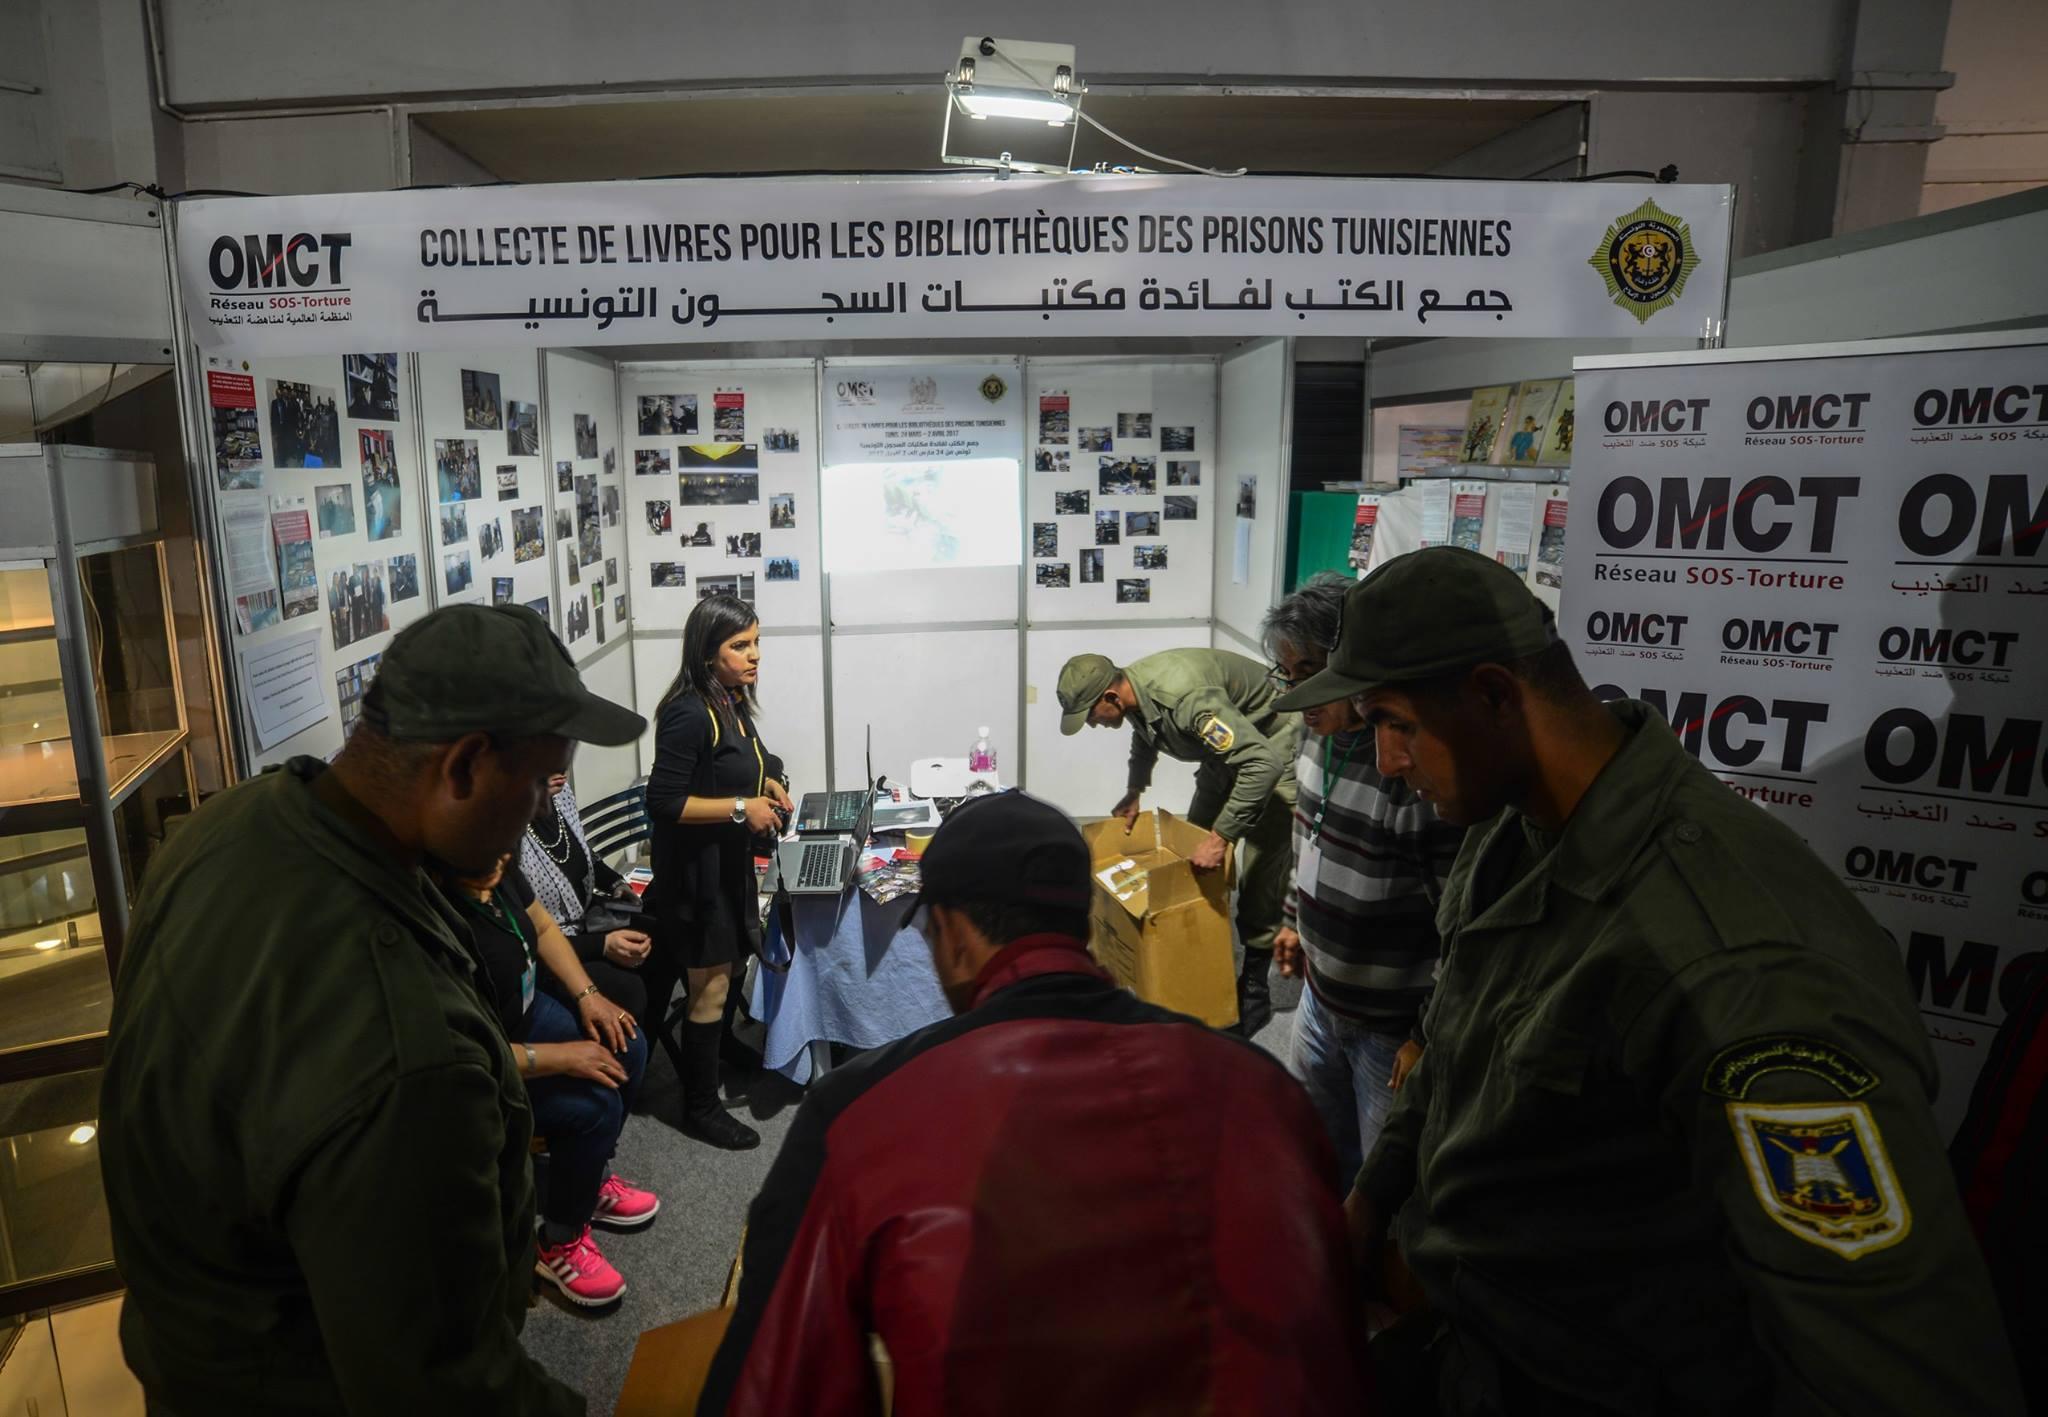 la collecte de livres pour les prisons tunisiennes cette success story sign e ben mhenni. Black Bedroom Furniture Sets. Home Design Ideas